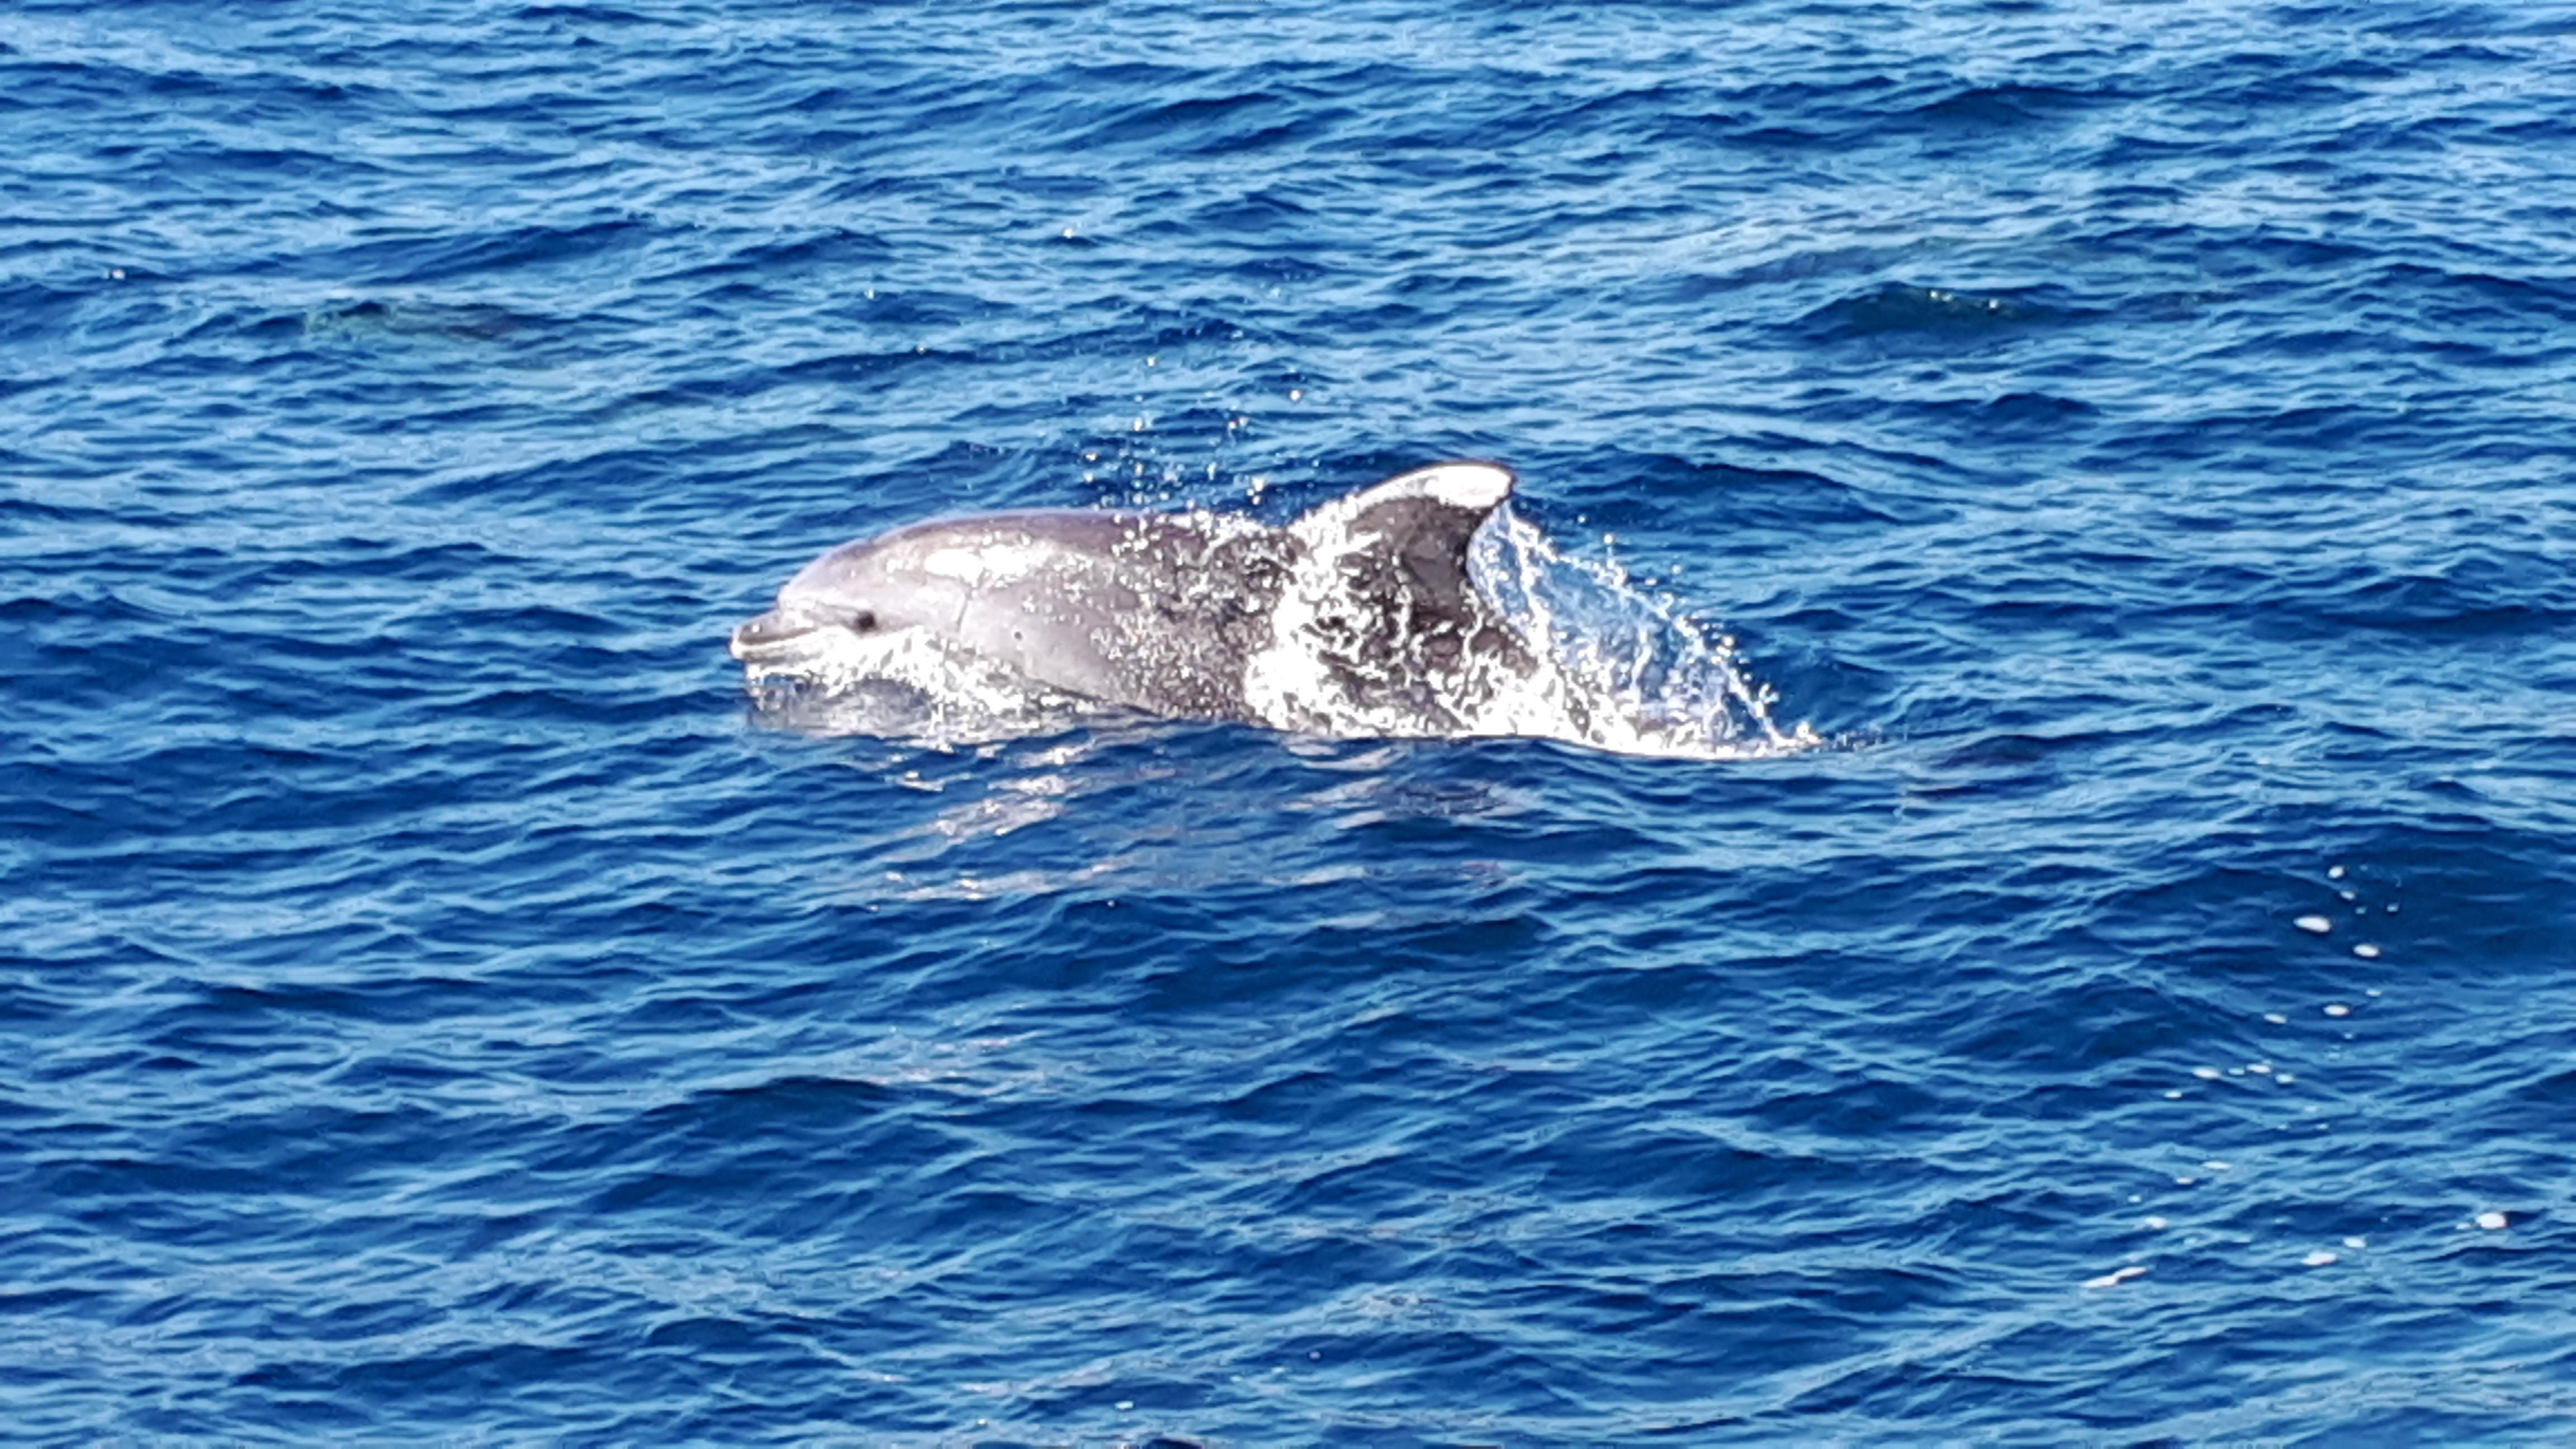 Croisière en mer à la rencontre du grand dauphin